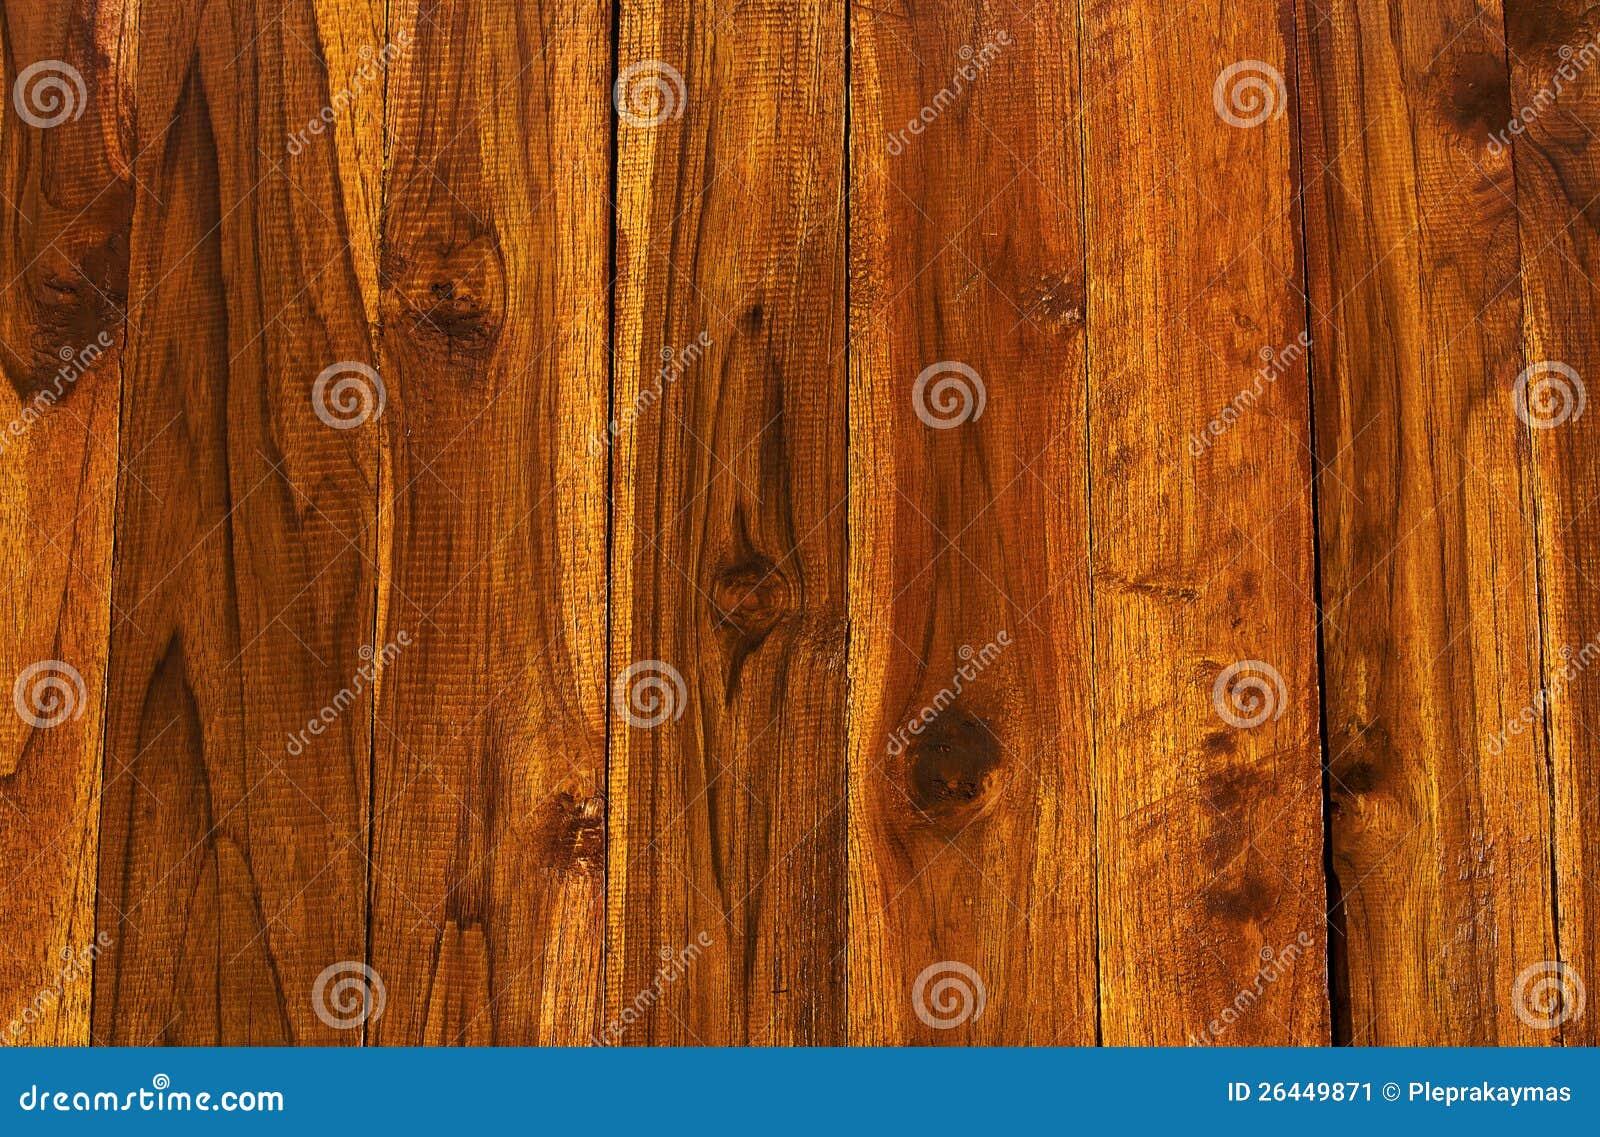 Teak Wood Stocks ~ Teak wood texture pattern background stock image